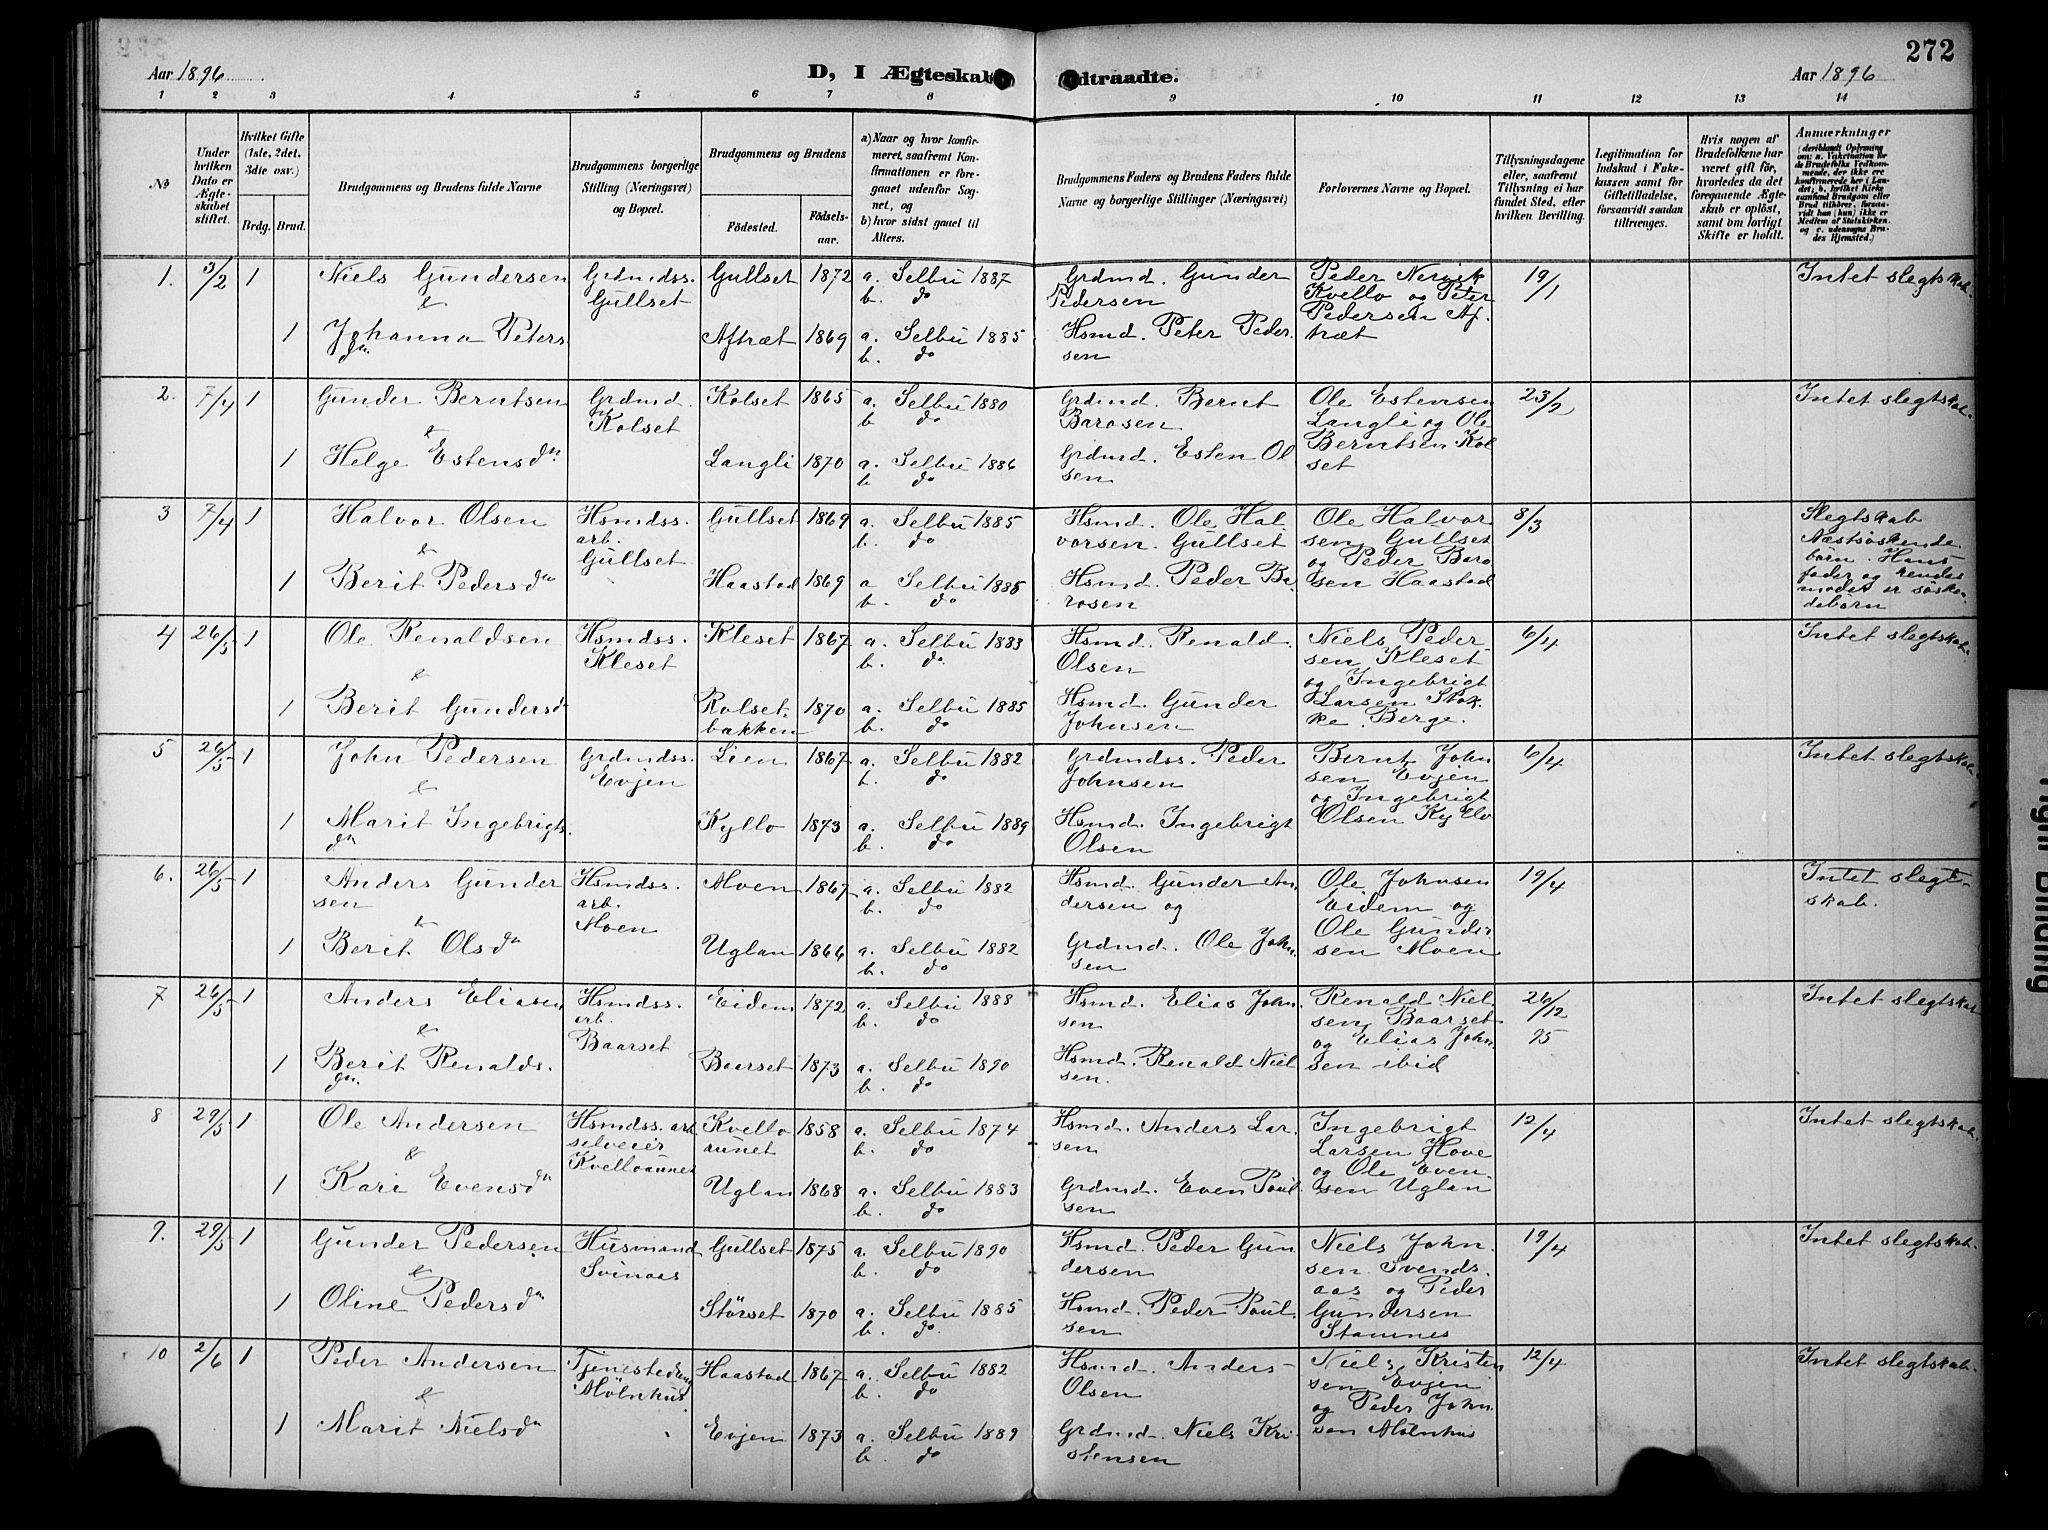 SAT, Ministerialprotokoller, klokkerbøker og fødselsregistre - Sør-Trøndelag, 695/L1149: Ministerialbok nr. 695A09, 1891-1902, s. 272